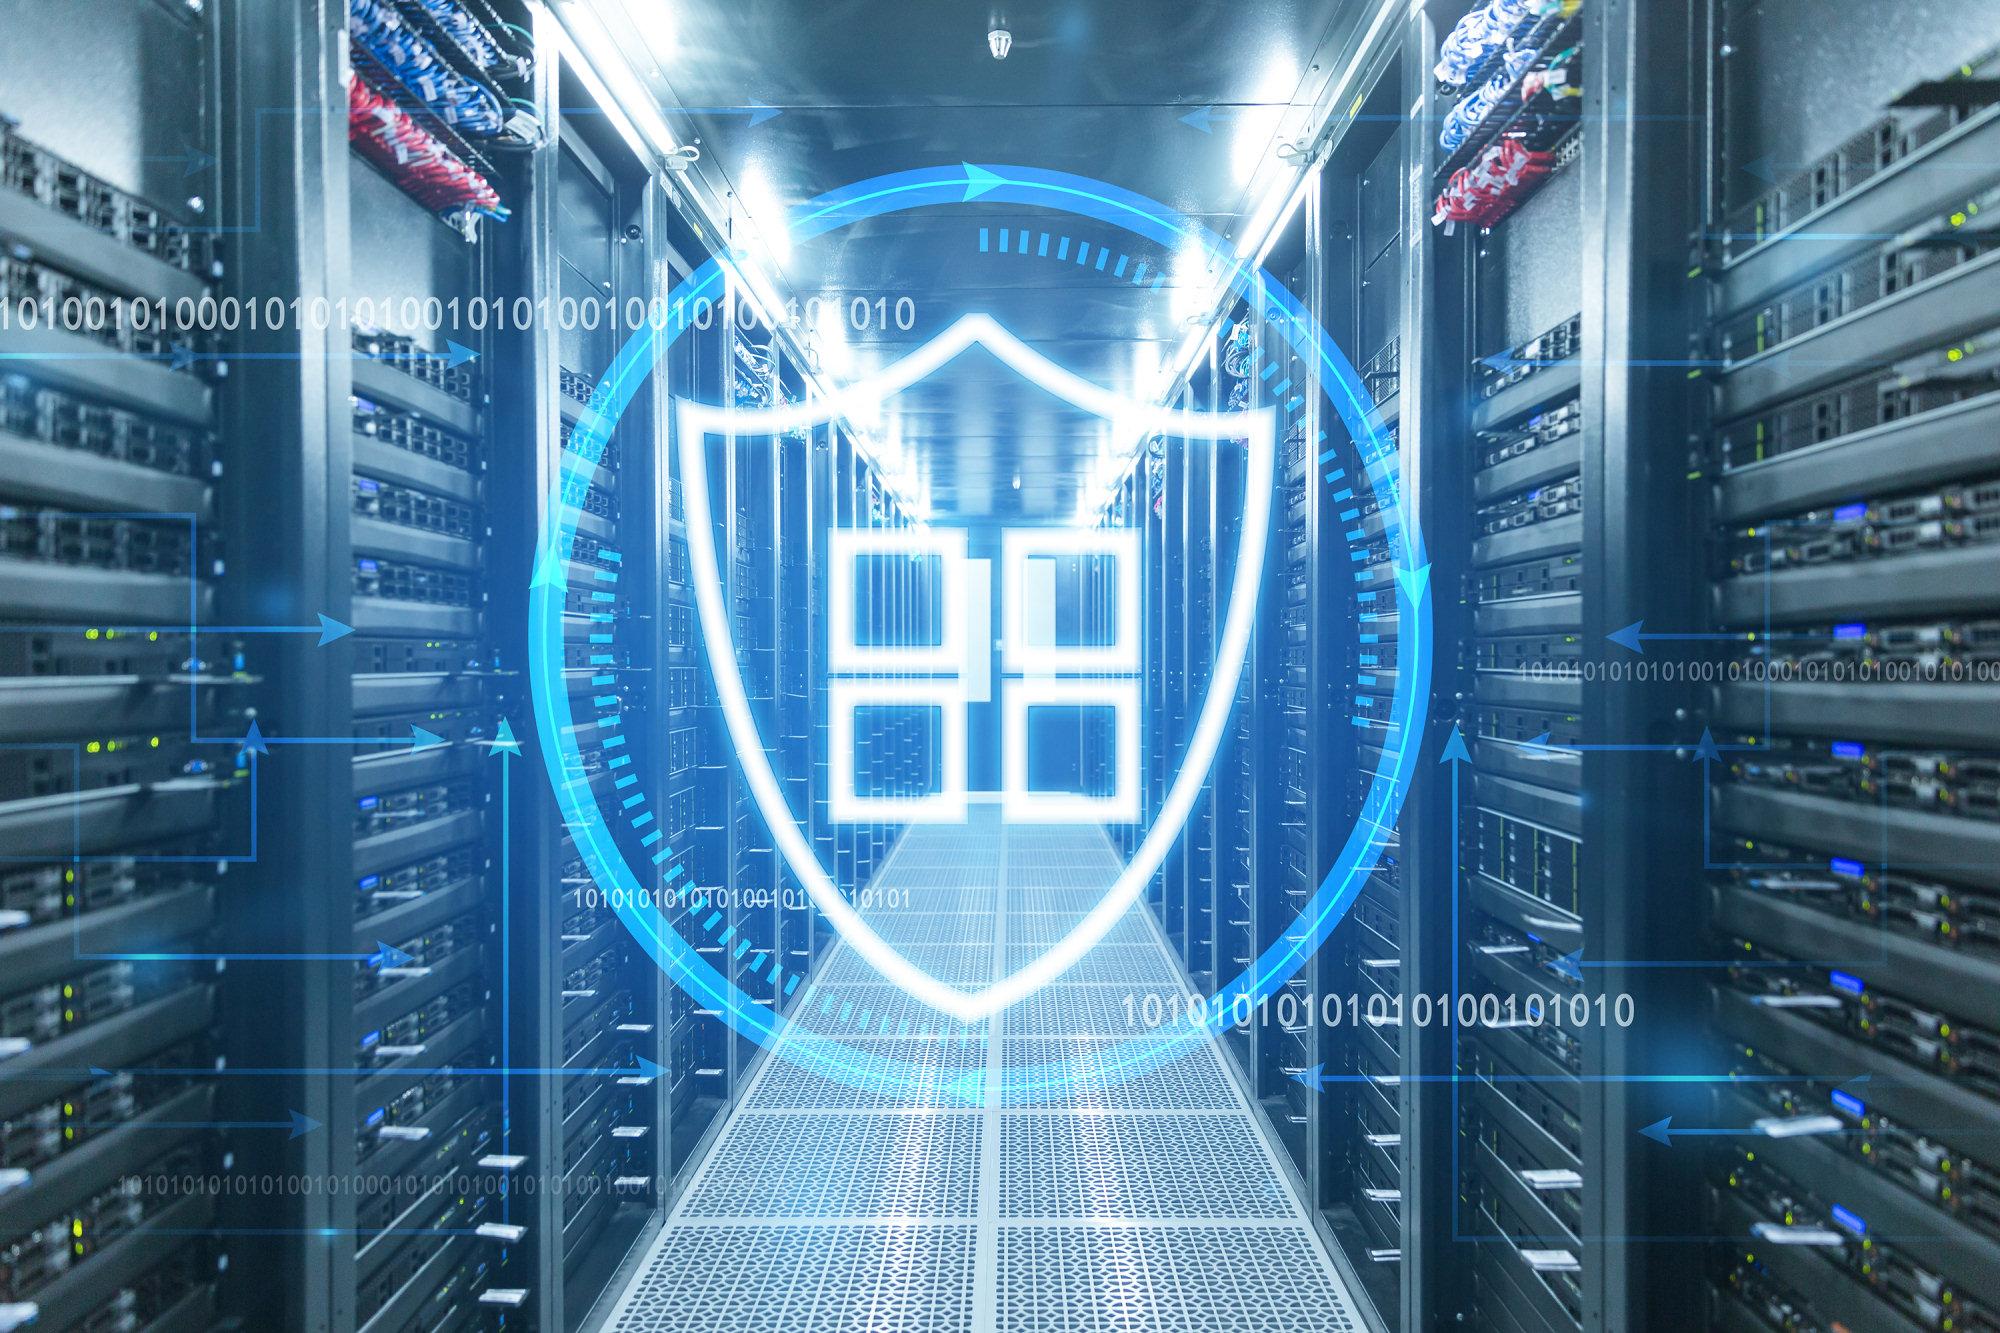 数据中心机房安全